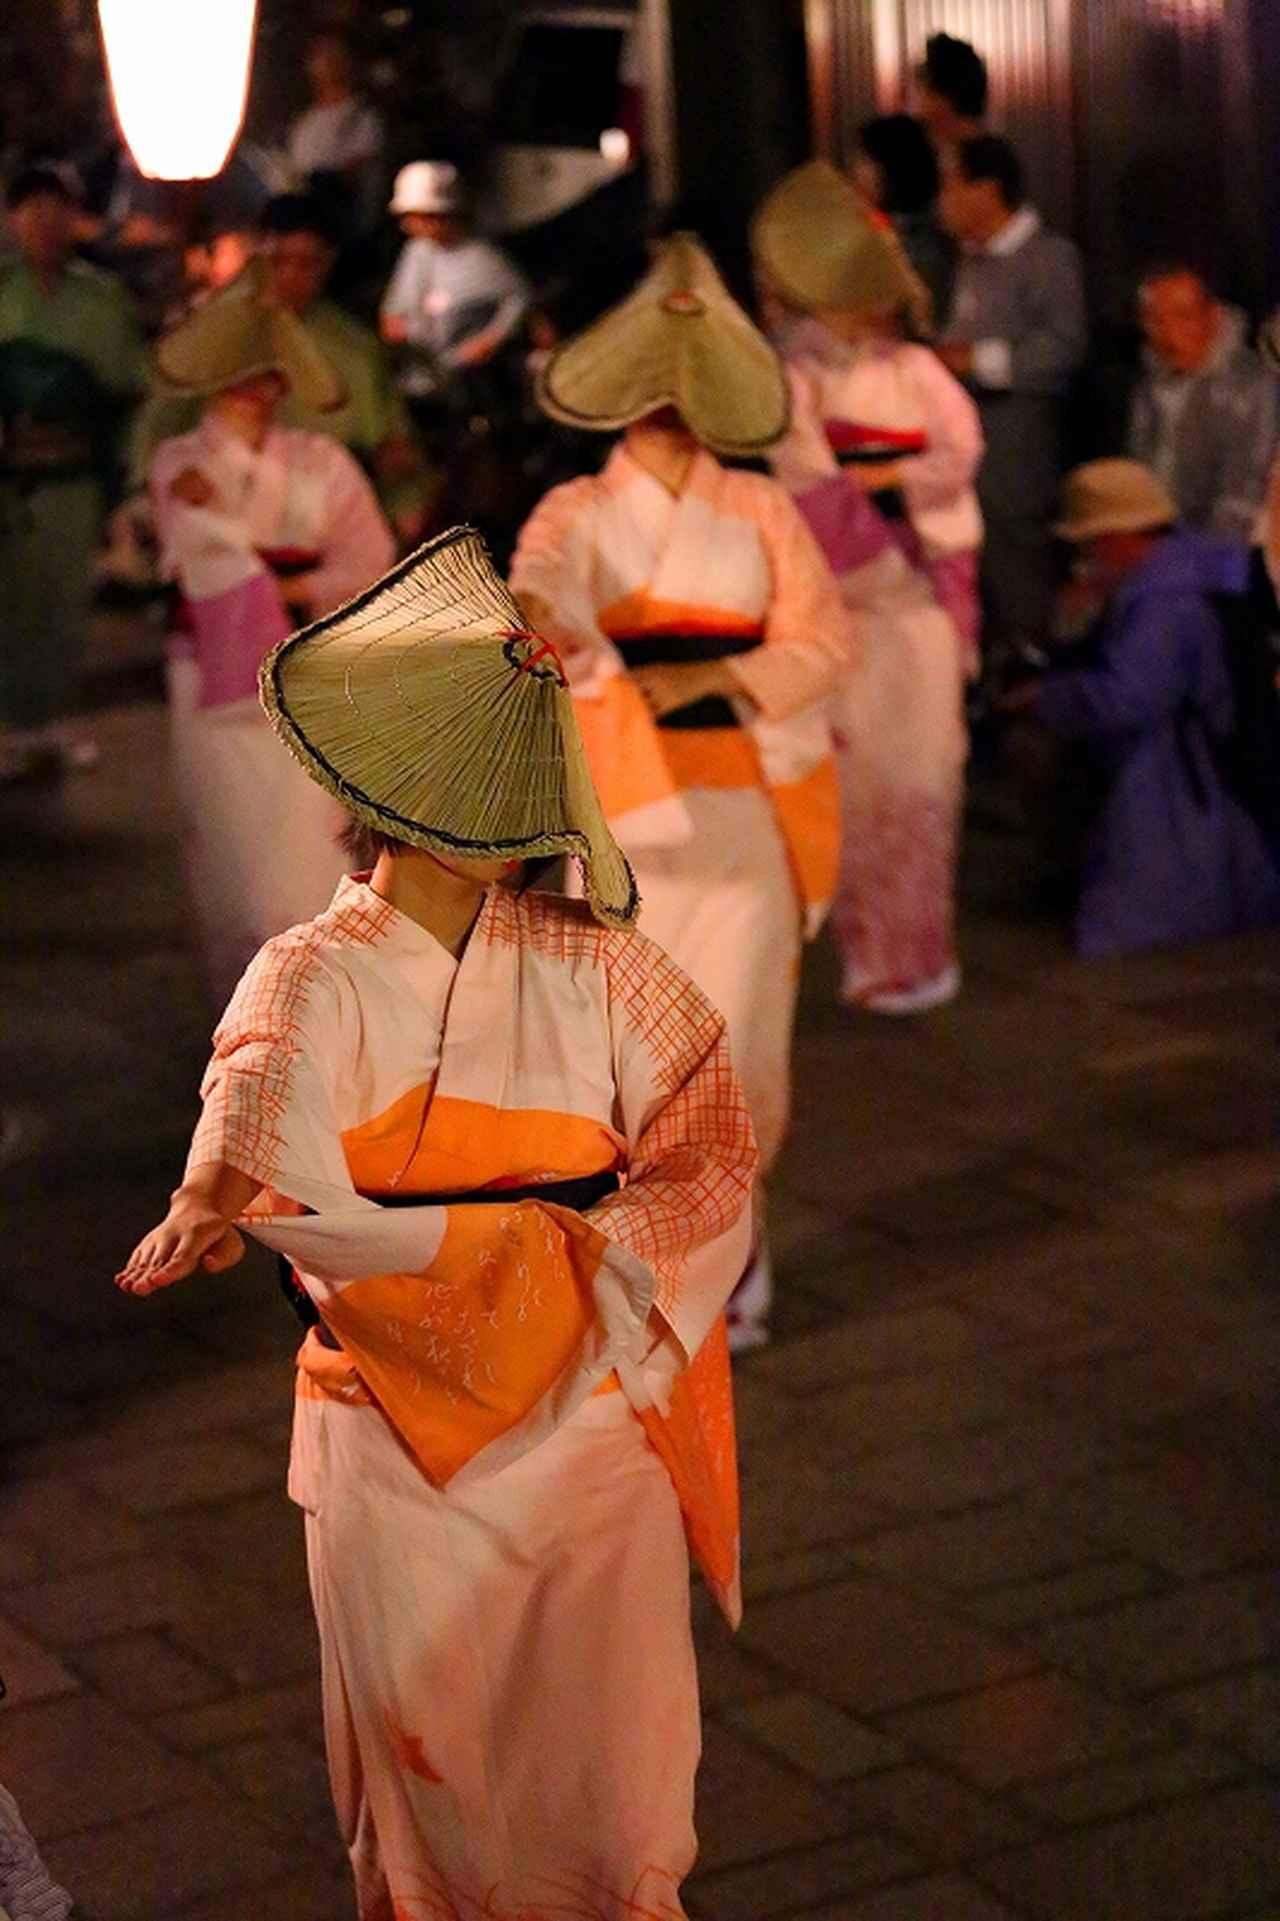 画像2: 9月29日(土)・30日(日)開催「月見のおわら」でおわらの踊りをじっくり観賞しましょう!